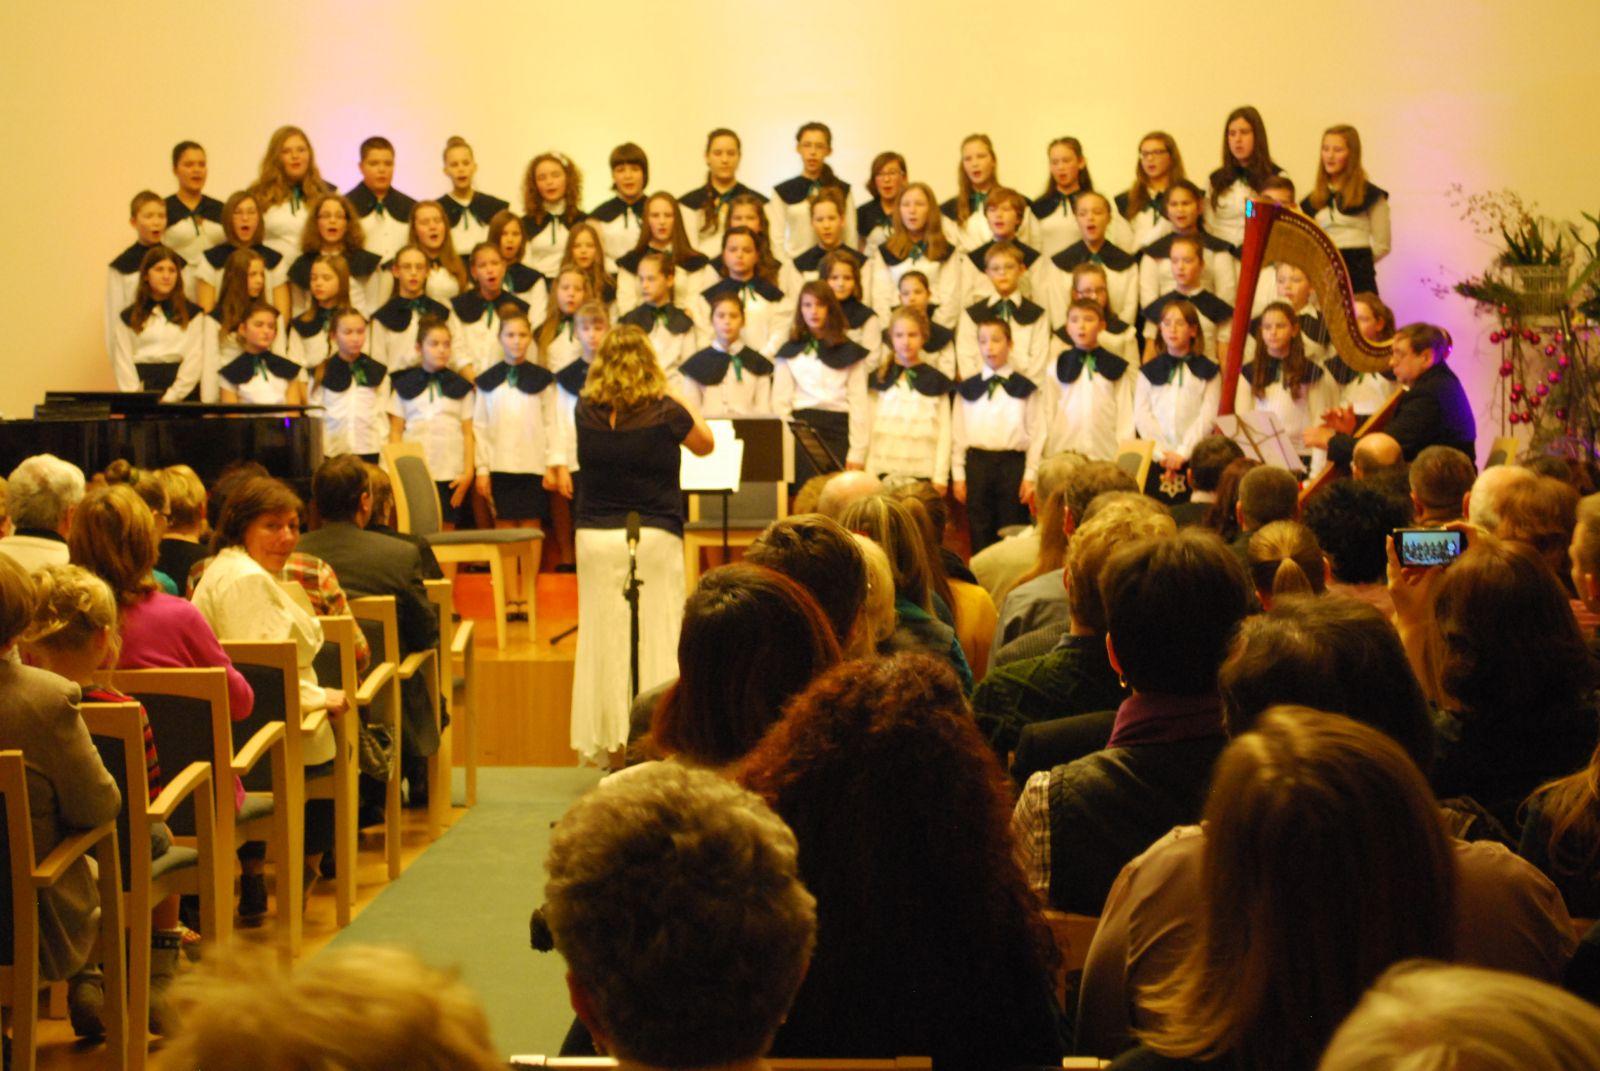 Forrás kórus 20 éves jubileumi koncertje